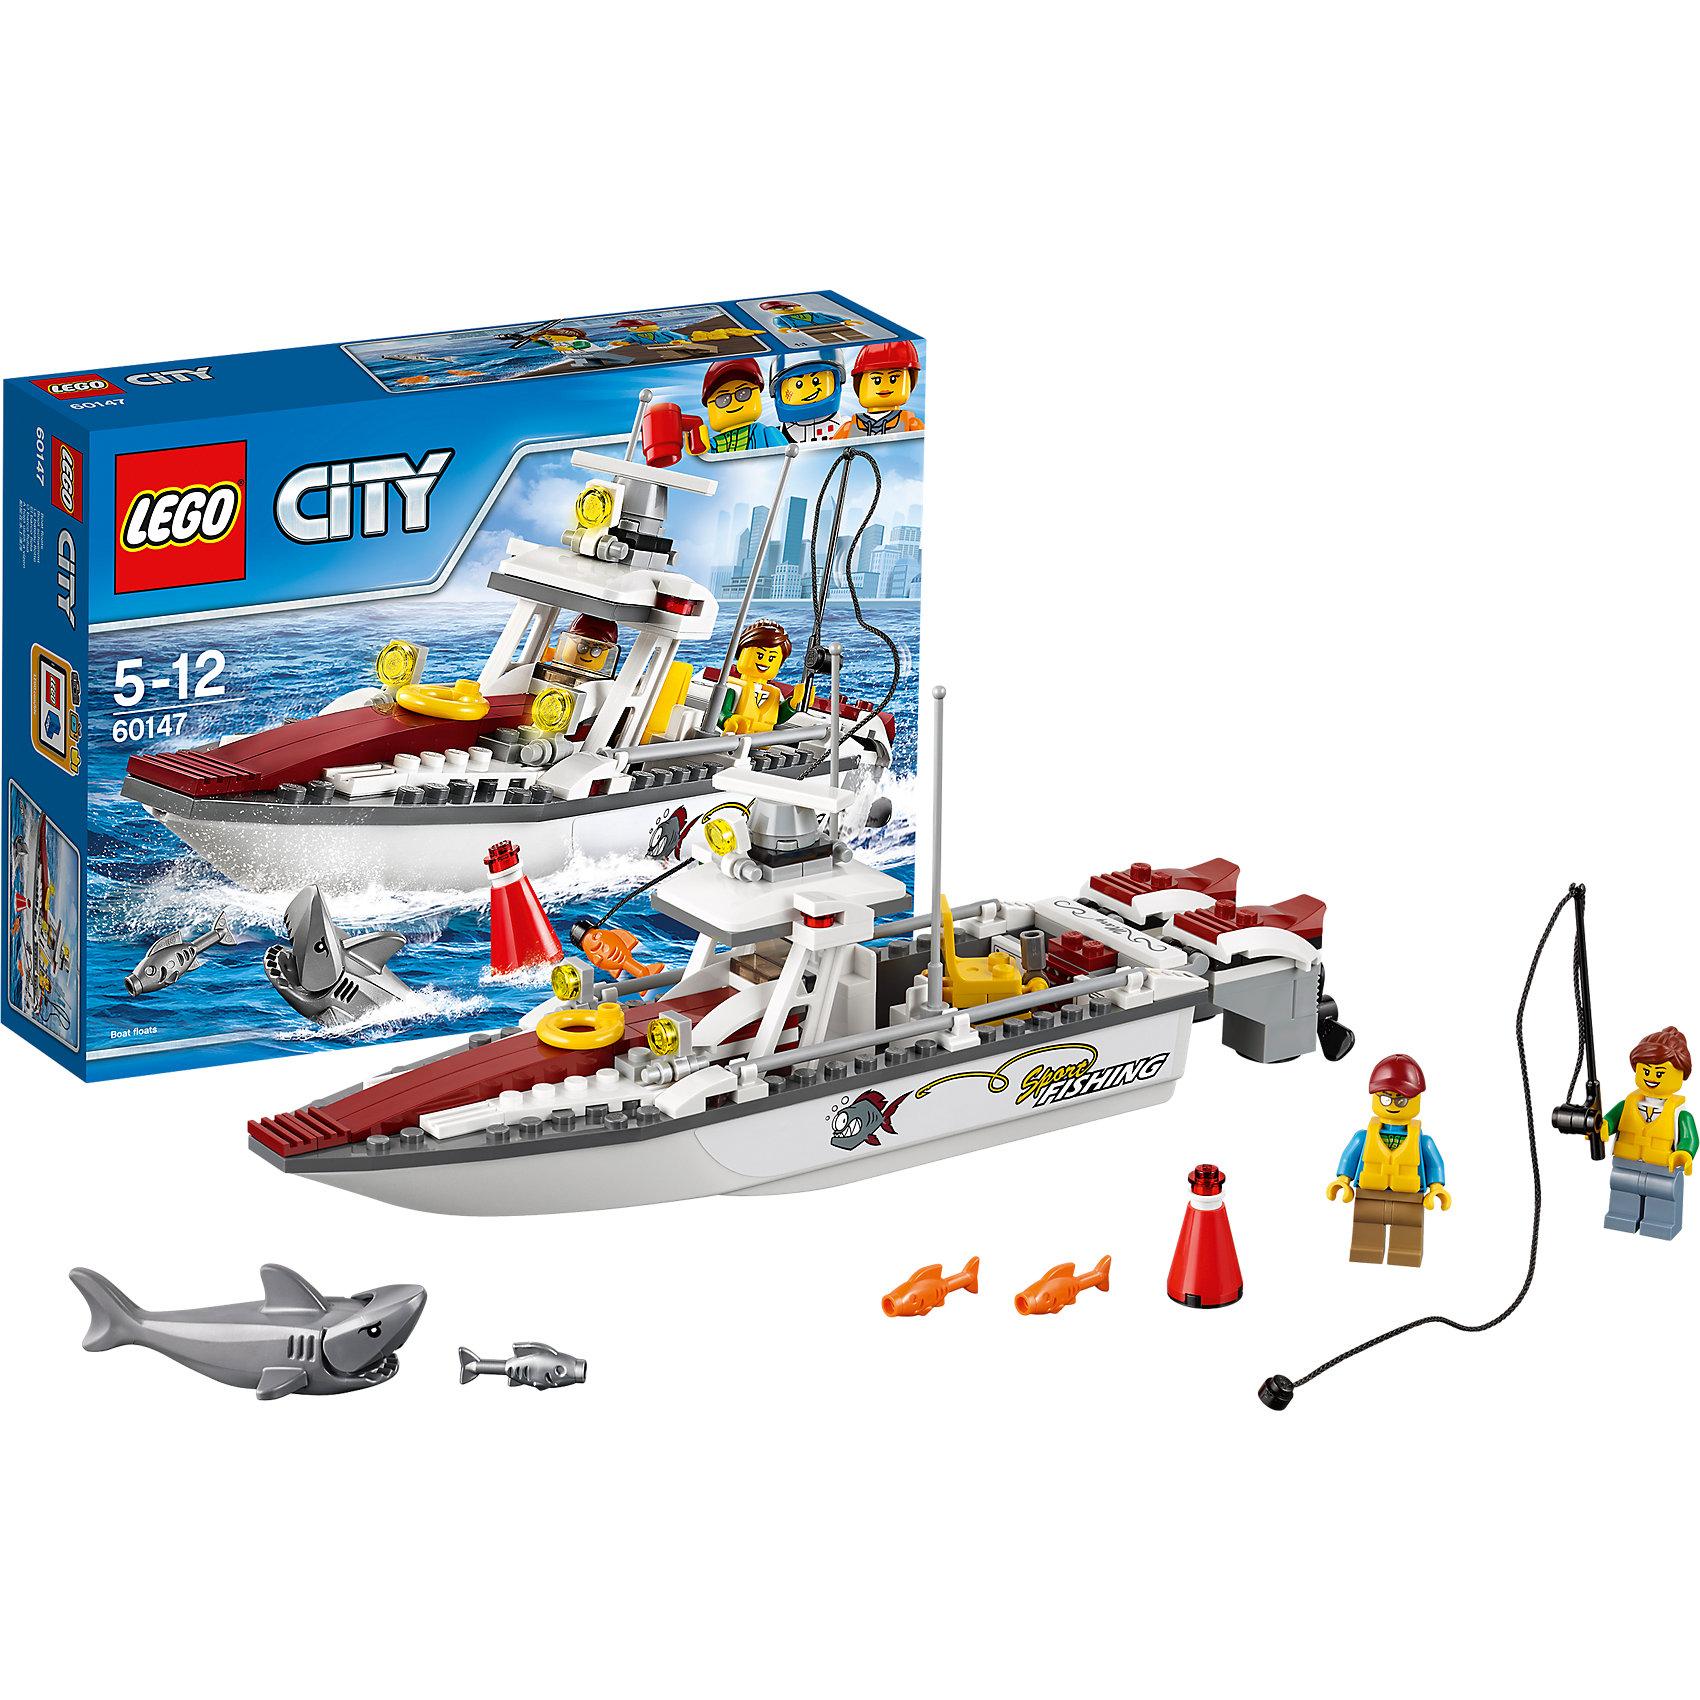 LEGO City 60147: Рыболовный катерПластмассовые конструкторы<br>LEGO City 60147: Рыболовный катер<br><br>Характеристики:<br><br>- в набор входит: детали катера, наклейки для оформления, 2 минифигурки, акула, аксессуары, инструкция<br>- состав: пластик<br>- количество деталей: 144<br>- приблизительное время сборки: 20 минут<br>- размер коробки: 19 * 6 * 26 см.<br>- размер катера: 28 * 6 * 11 см.<br>- длина акулы: 7 см.<br>- для детей в возрасте: от 5 до 12 лет<br>- Страна производитель: Дания/Китай/Чехия<br><br>Легендарный конструктор LEGO (ЛЕГО) представляет серию «City» (Сити) в виде деталей жизни большого города, в котором есть абсолютно все. Серия делает игры еще более настоящими, благодаря отличным аксессуарам. Сезон рыбалки открыт в окрестностях Лего Сити. Два отважных рыбака отправились на своем спортивном катере в открытое море. Фигурки рыбаков отлично детализированы и качественно прорисованы, на каждую фигурку одет спасательный жилет. Красивый спортивный катер имеет все необходимое для безопасности на борту и отличной рыбалки. Два мощных мотора развивают отличную скорость и позволит быстро выбраться за пределы буйка из набора. Но куда же делась вся рыба? За пределами охраняемой береговой линии плавает хищная серая акула! Эта рыбалка обещает быть незабываемой! Моделируй разные истории и ситуации в Лего Сити, а в процессе игры развивай творческие способности и претворяй свои идеи в жизнь. Этот интересный набор отлично подойдет как новичкам Лего, так и преданным фанатам и коллекционерам серии.<br><br>Конструктор LEGO City 60147: Рыболовный катер можно купить в нашем интернет-магазине.<br><br>Ширина мм: 262<br>Глубина мм: 192<br>Высота мм: 66<br>Вес г: 325<br>Возраст от месяцев: 60<br>Возраст до месяцев: 144<br>Пол: Мужской<br>Возраст: Детский<br>SKU: 5002461